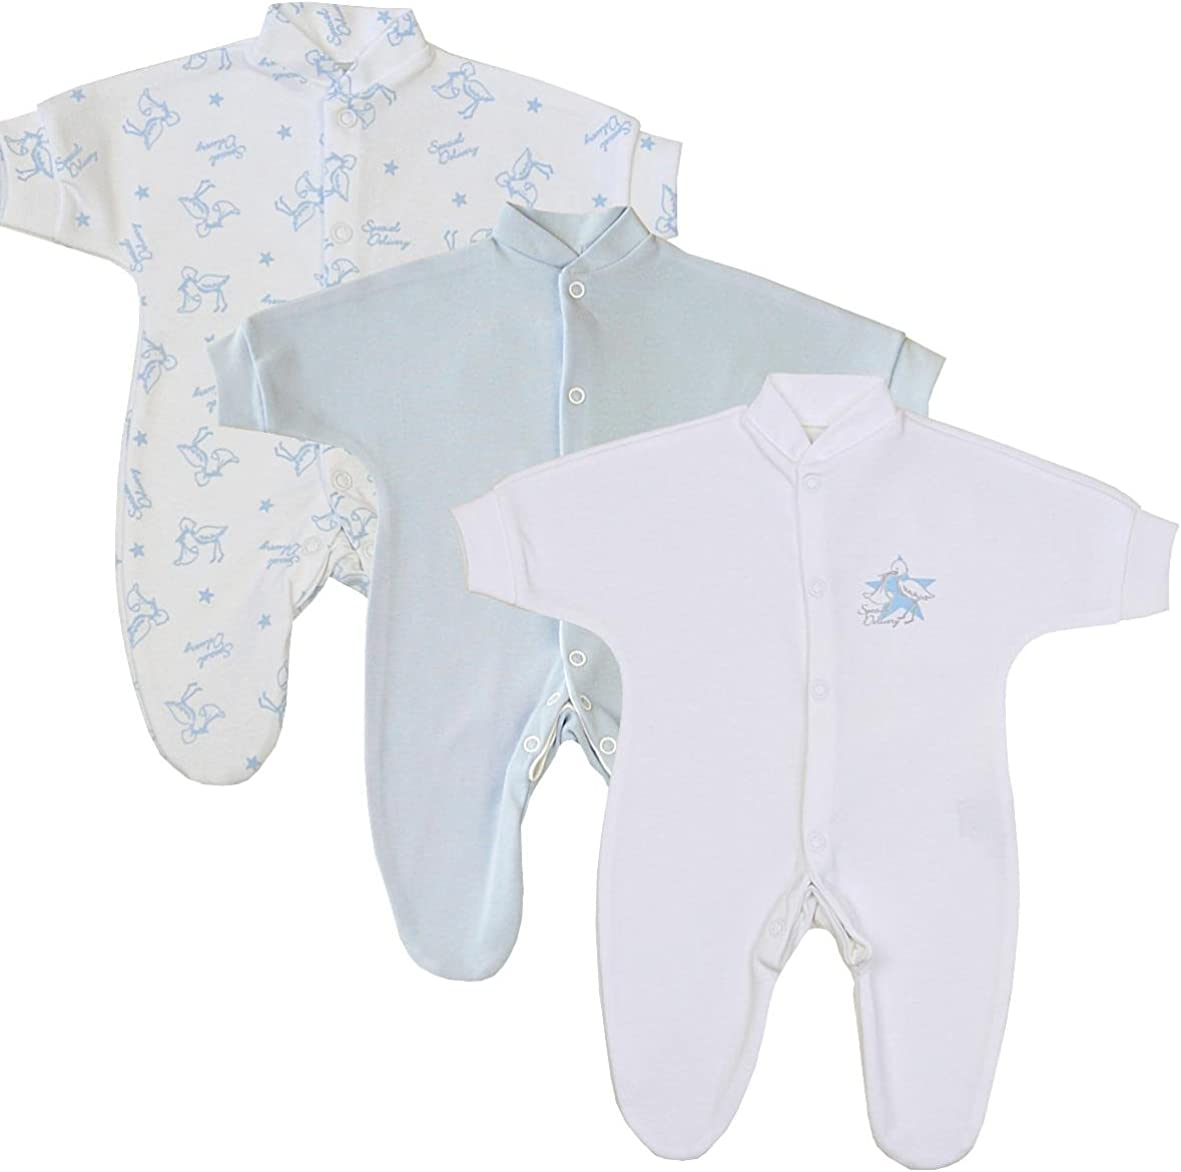 Babyprem Lot de 2 chapeaux nou/és pour b/éb/é pr/ématur/é Bleu//blanc